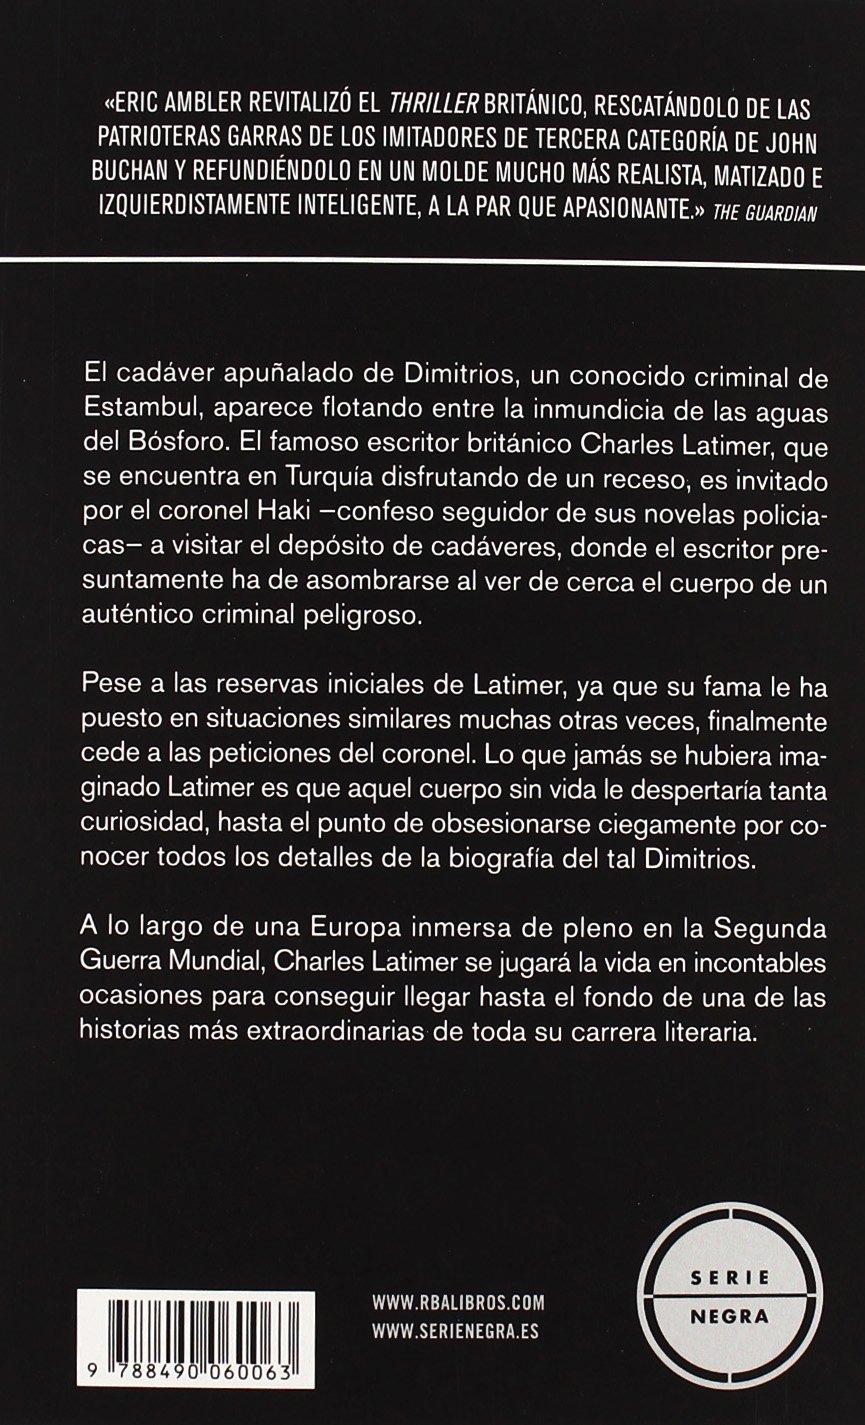 La máscara de Dimitrios (Spanish Edition): Eric Ambler: 9788490060063: Amazon.com: Books